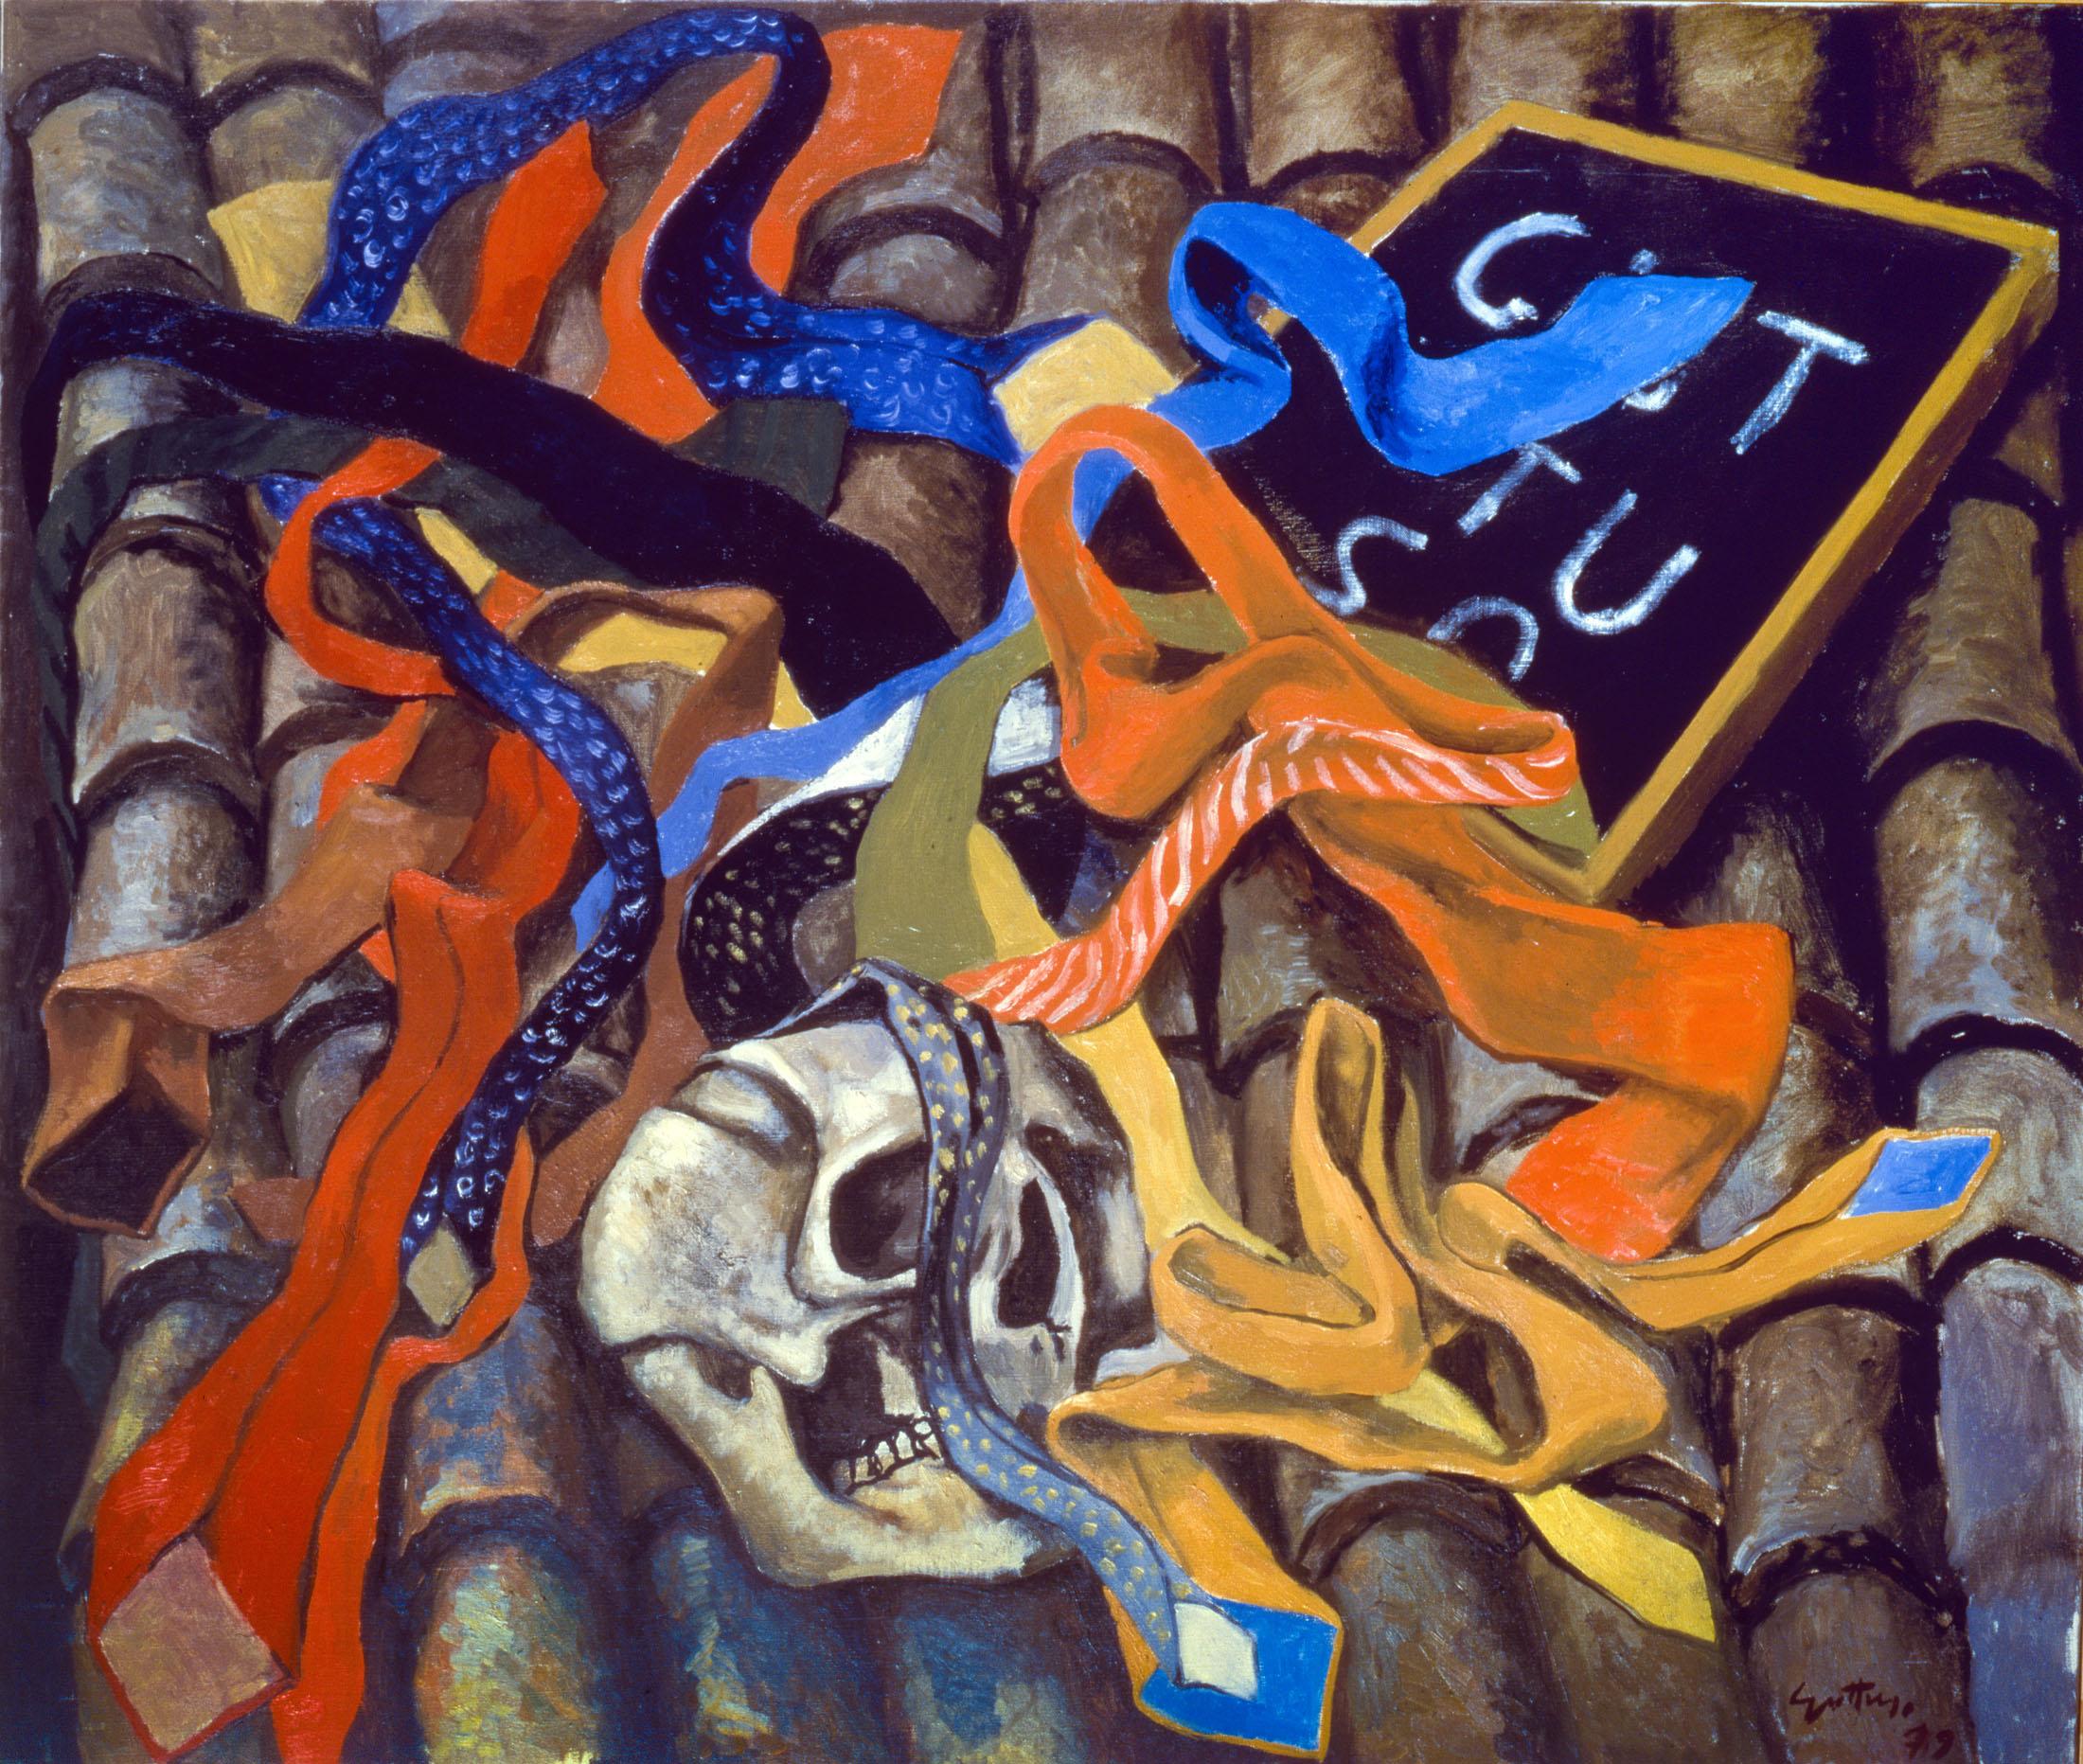 Renato Guttuso, Teschio e cravatte, 1979 Olio su tela, cm 80x95 Roma, Archivi Guttuso © Renato Guttuso by SIAE 2016